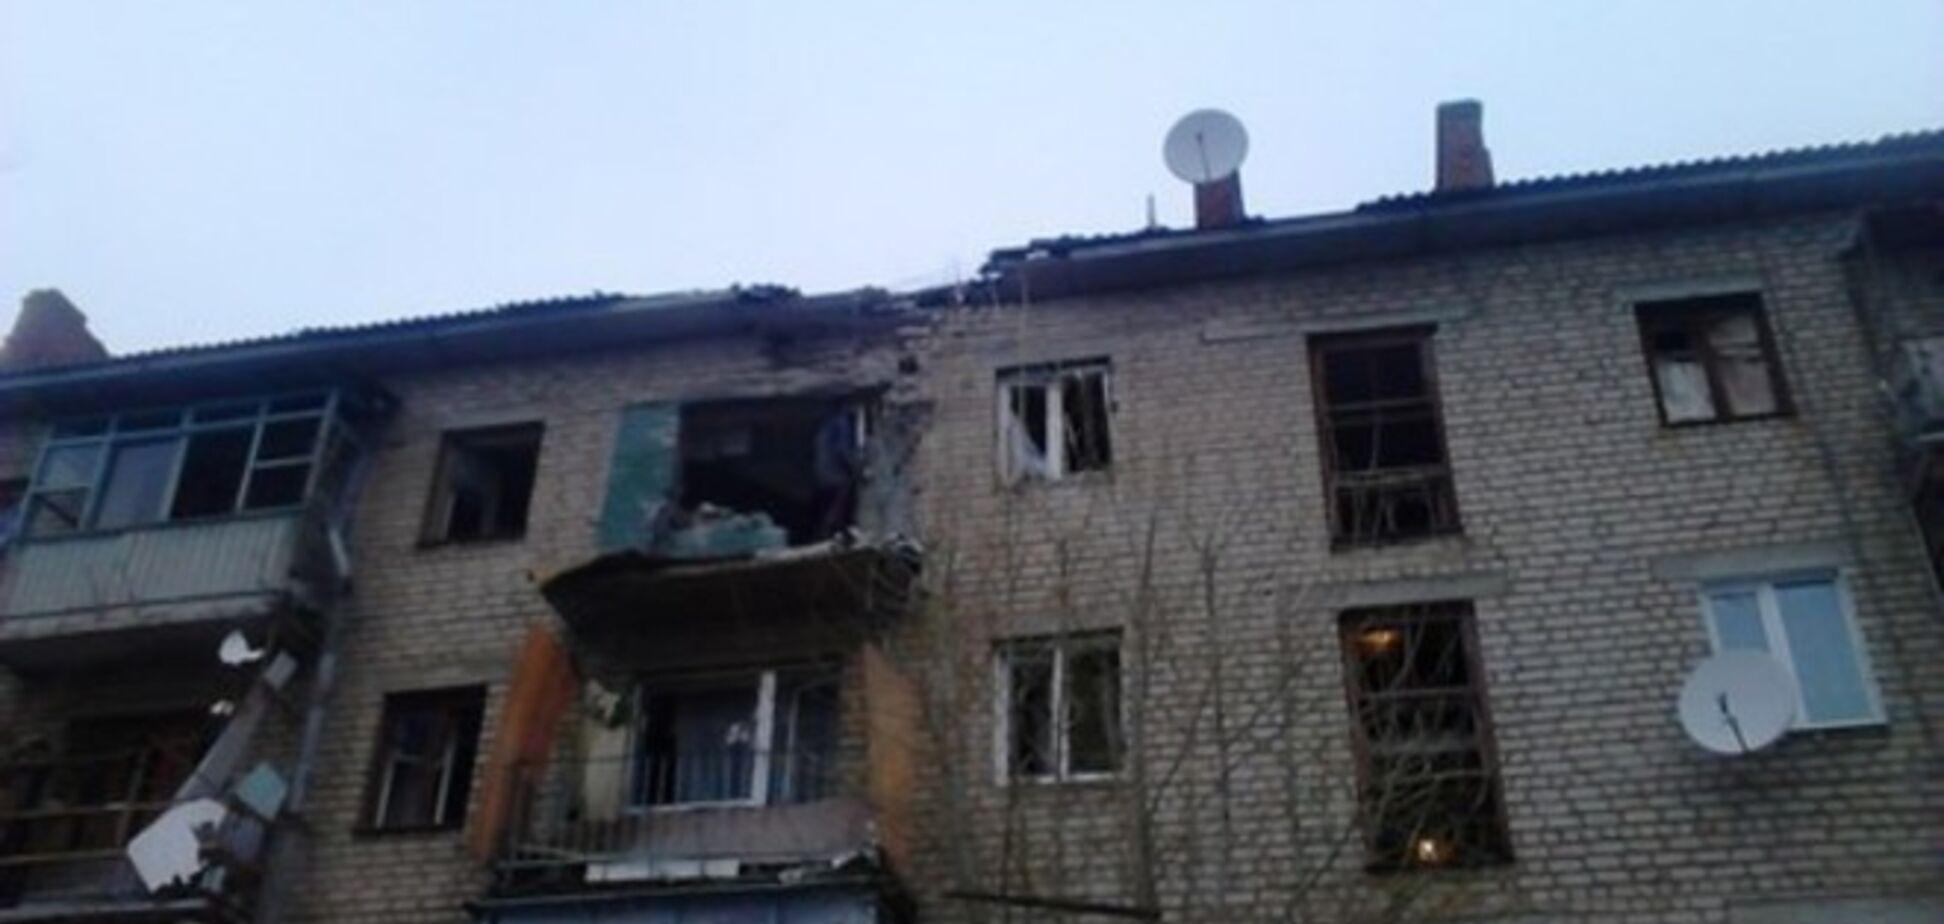 Ночью боевики обстреляли Счастье: ранены три человека, в том числе 7-летний ребенок